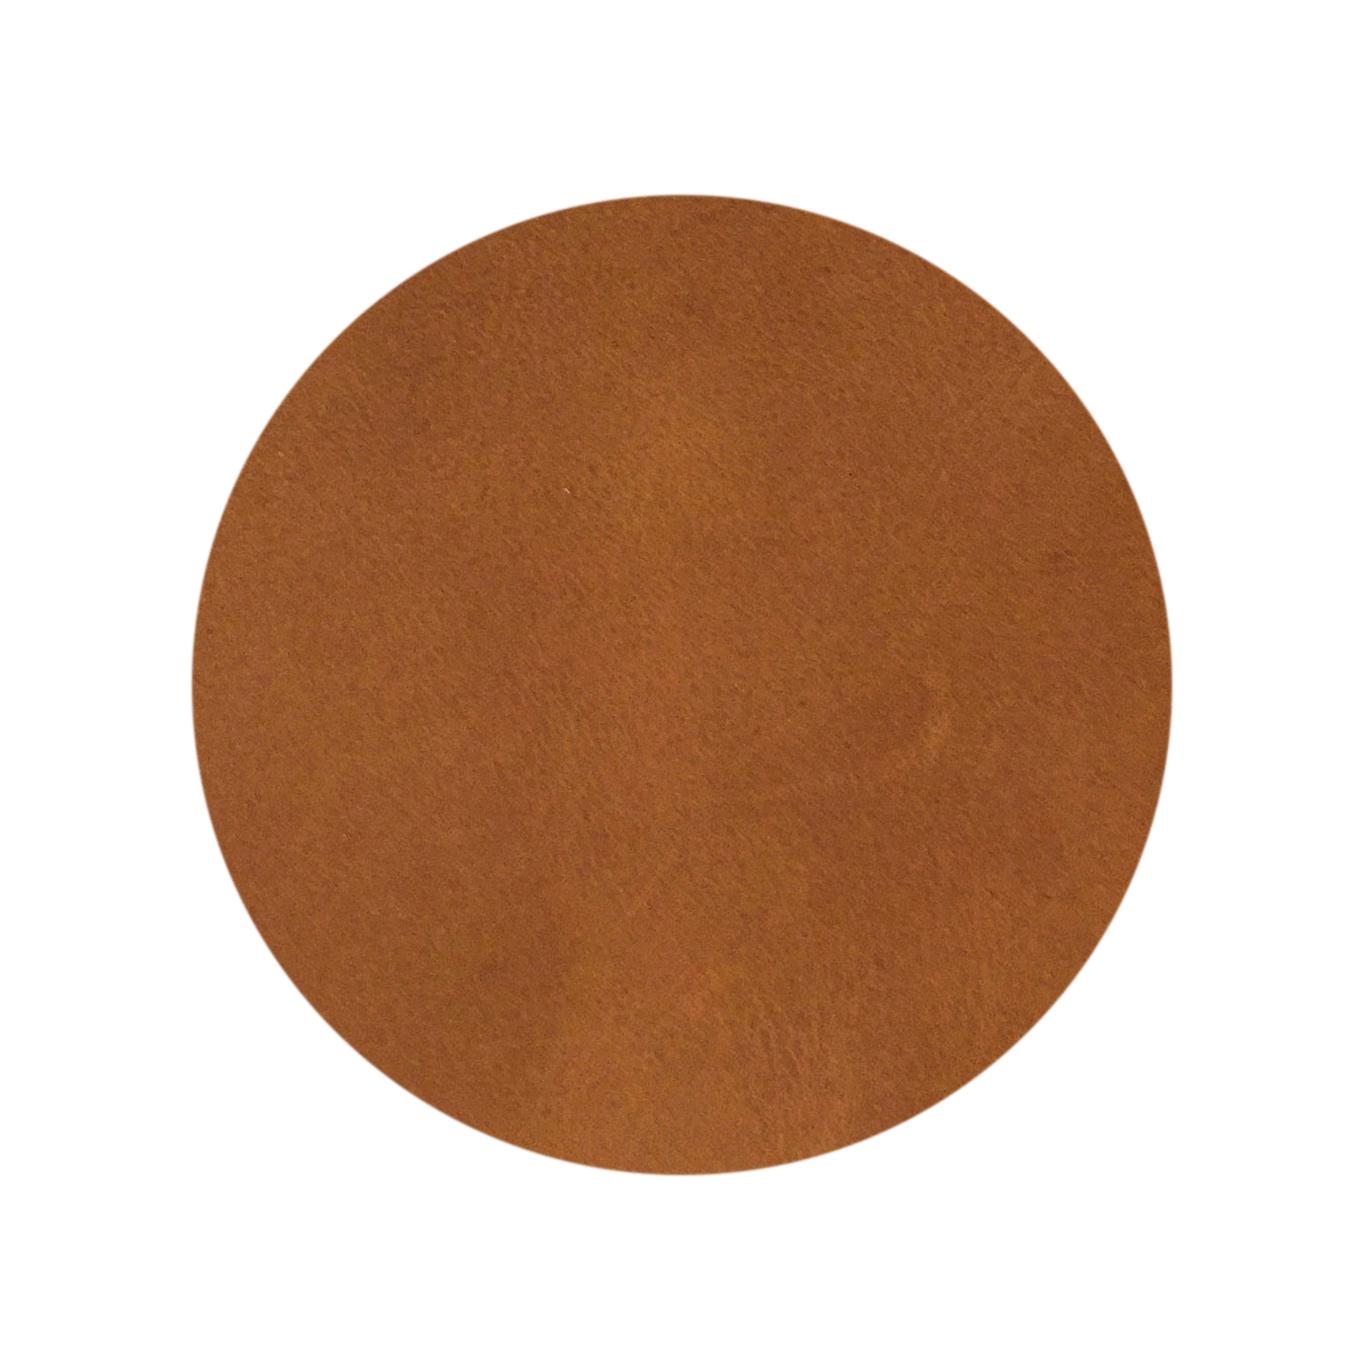 Saddle Leather - Nut